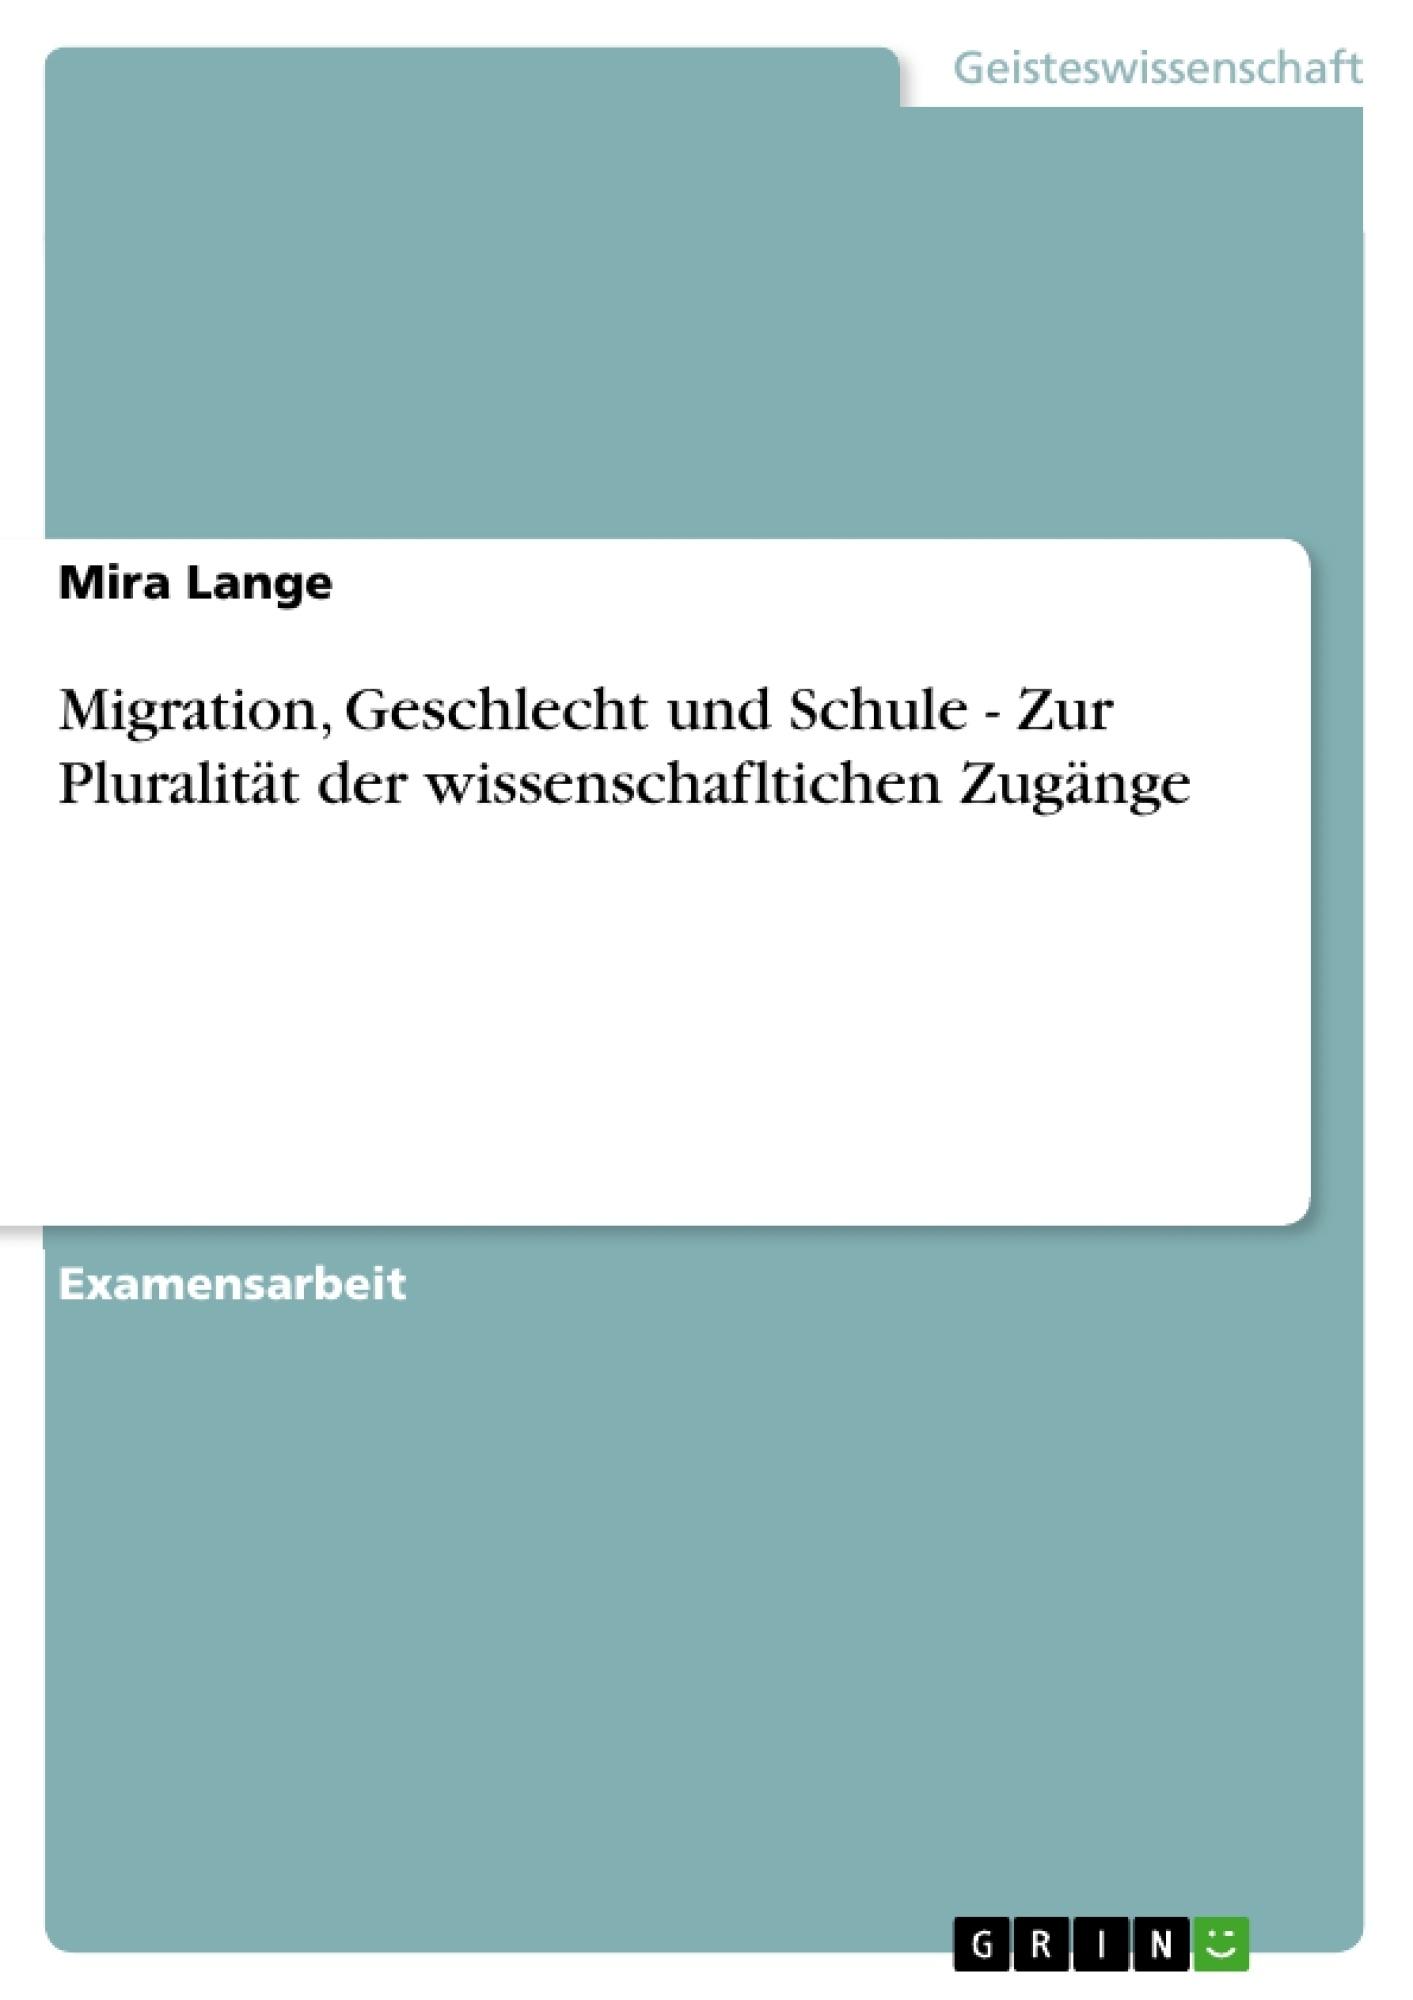 Titel: Migration, Geschlecht und Schule - Zur Pluralität der wissenschafltichen Zugänge